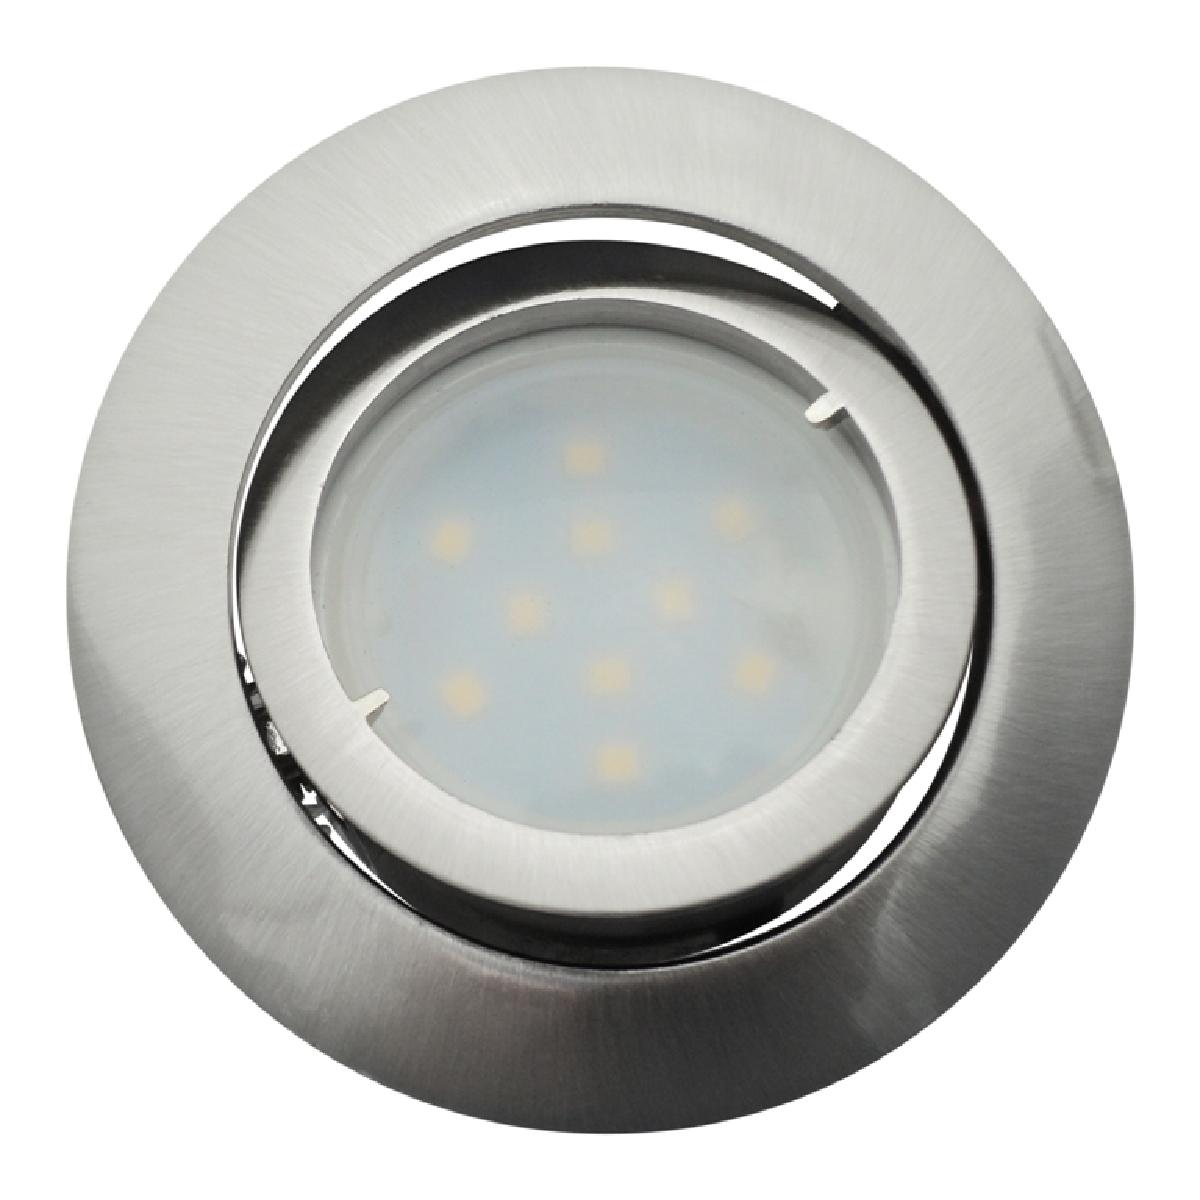 Eurobryte Lot de 8 Spot Led Encastrable Complete Satin Orientable lumière Blanc Chaud eq. 50W ref.209